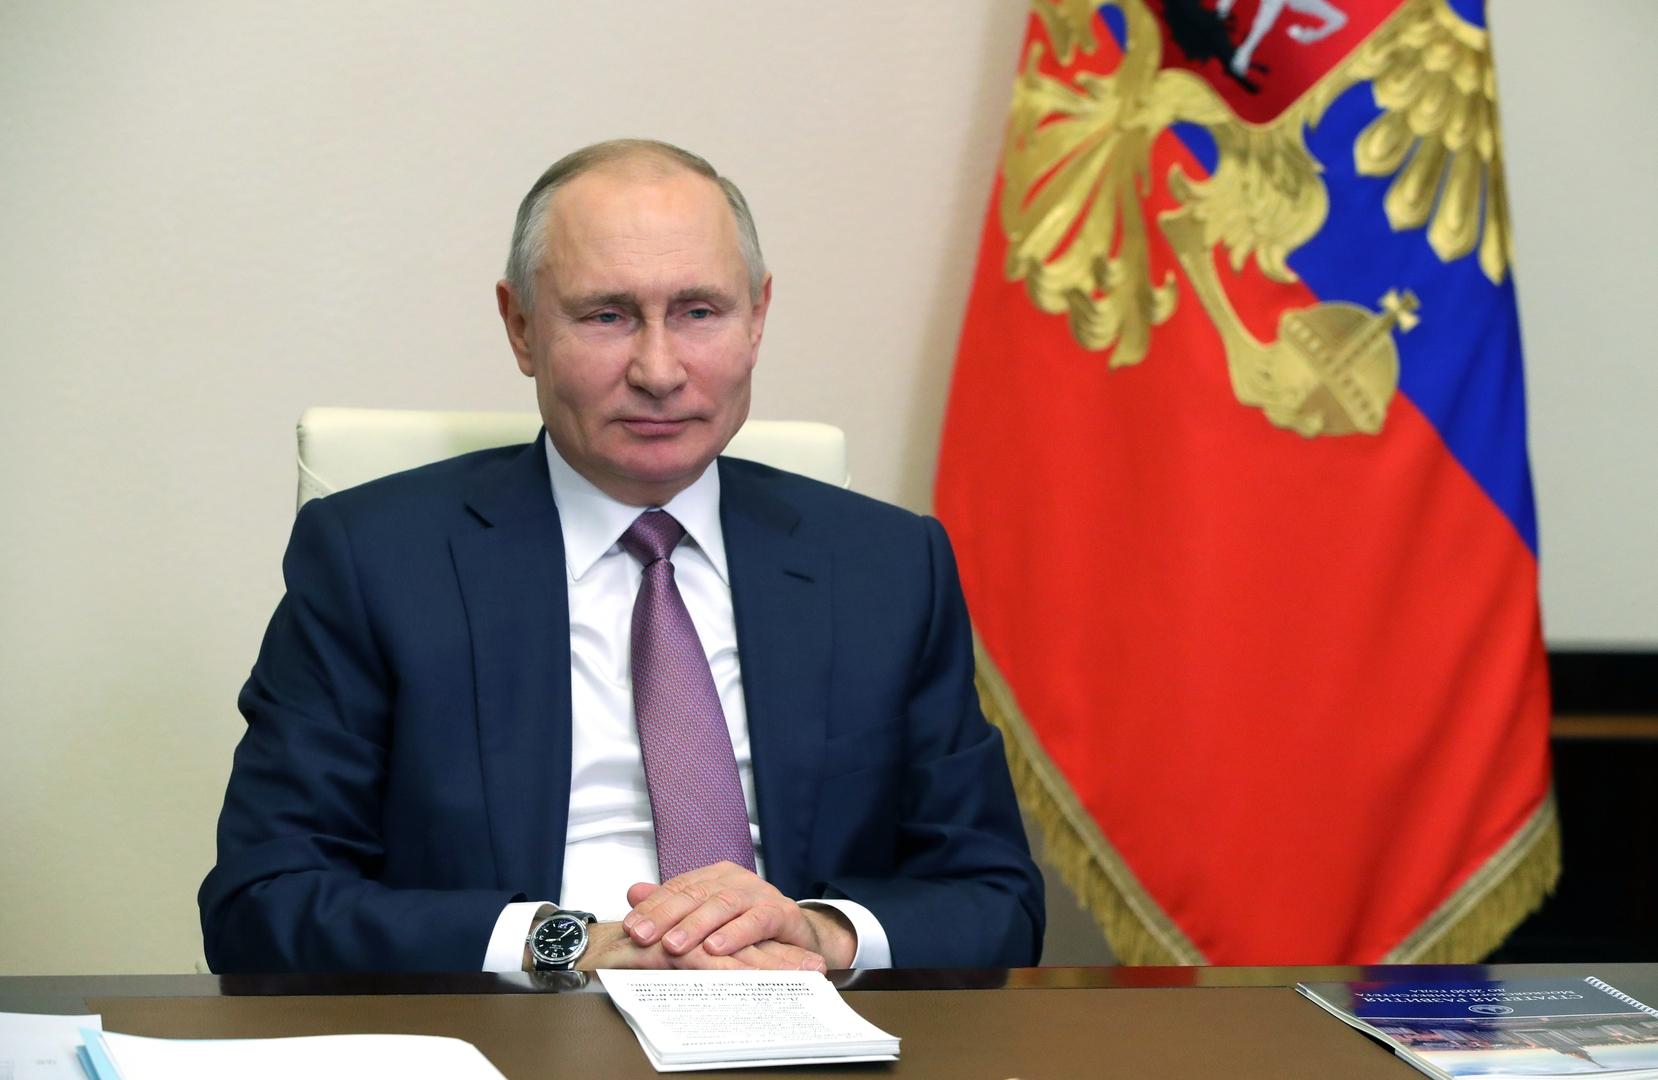 صورة من الأرشيف - الرئيس الروسي فلاديمير بوتين